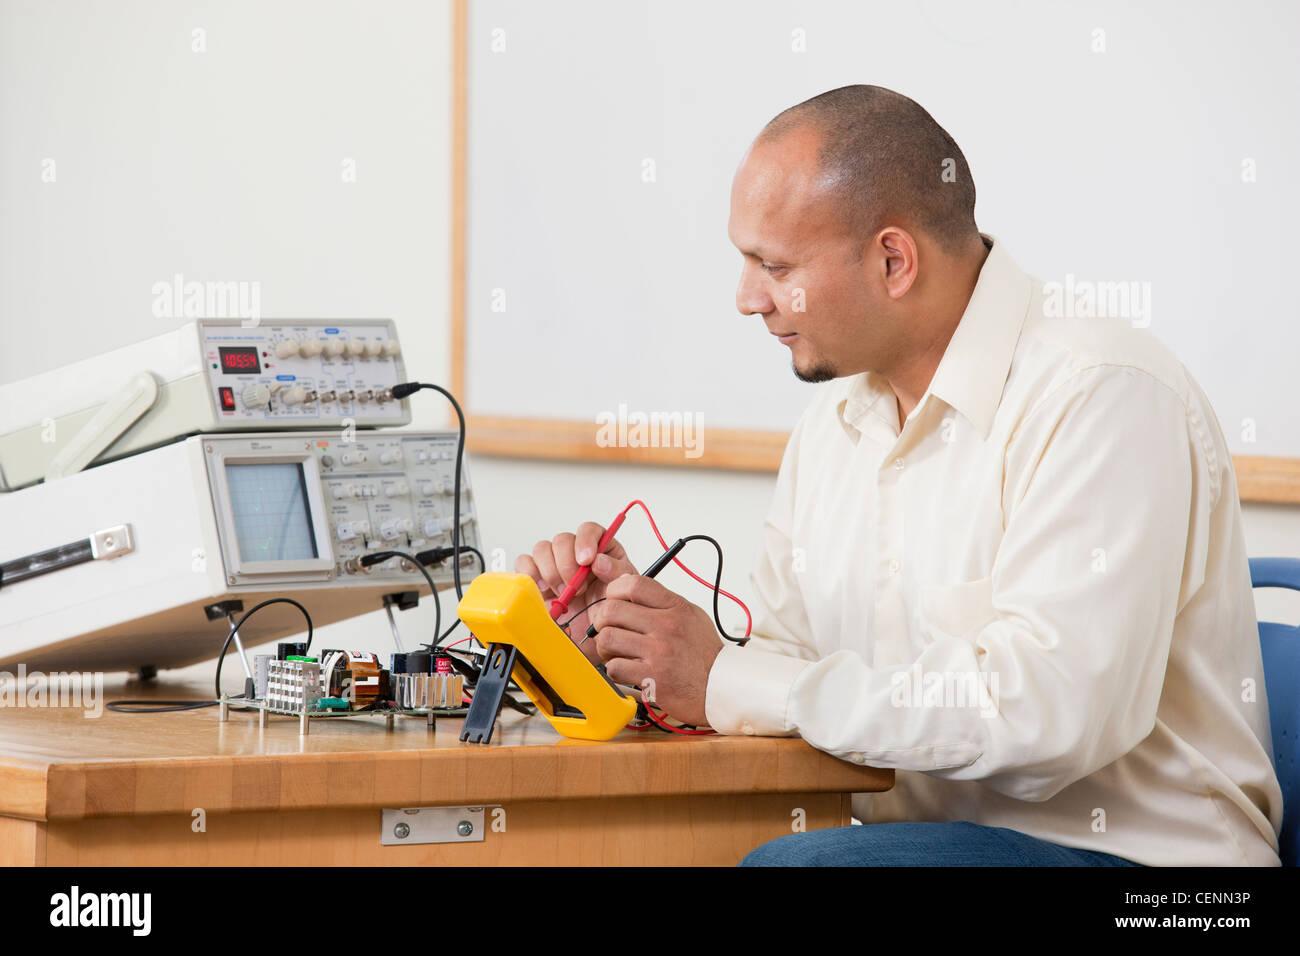 À l'aide d'ingénierie hispaniques les sondes du multimètre pour mesurer les caractéristiques Photo Stock